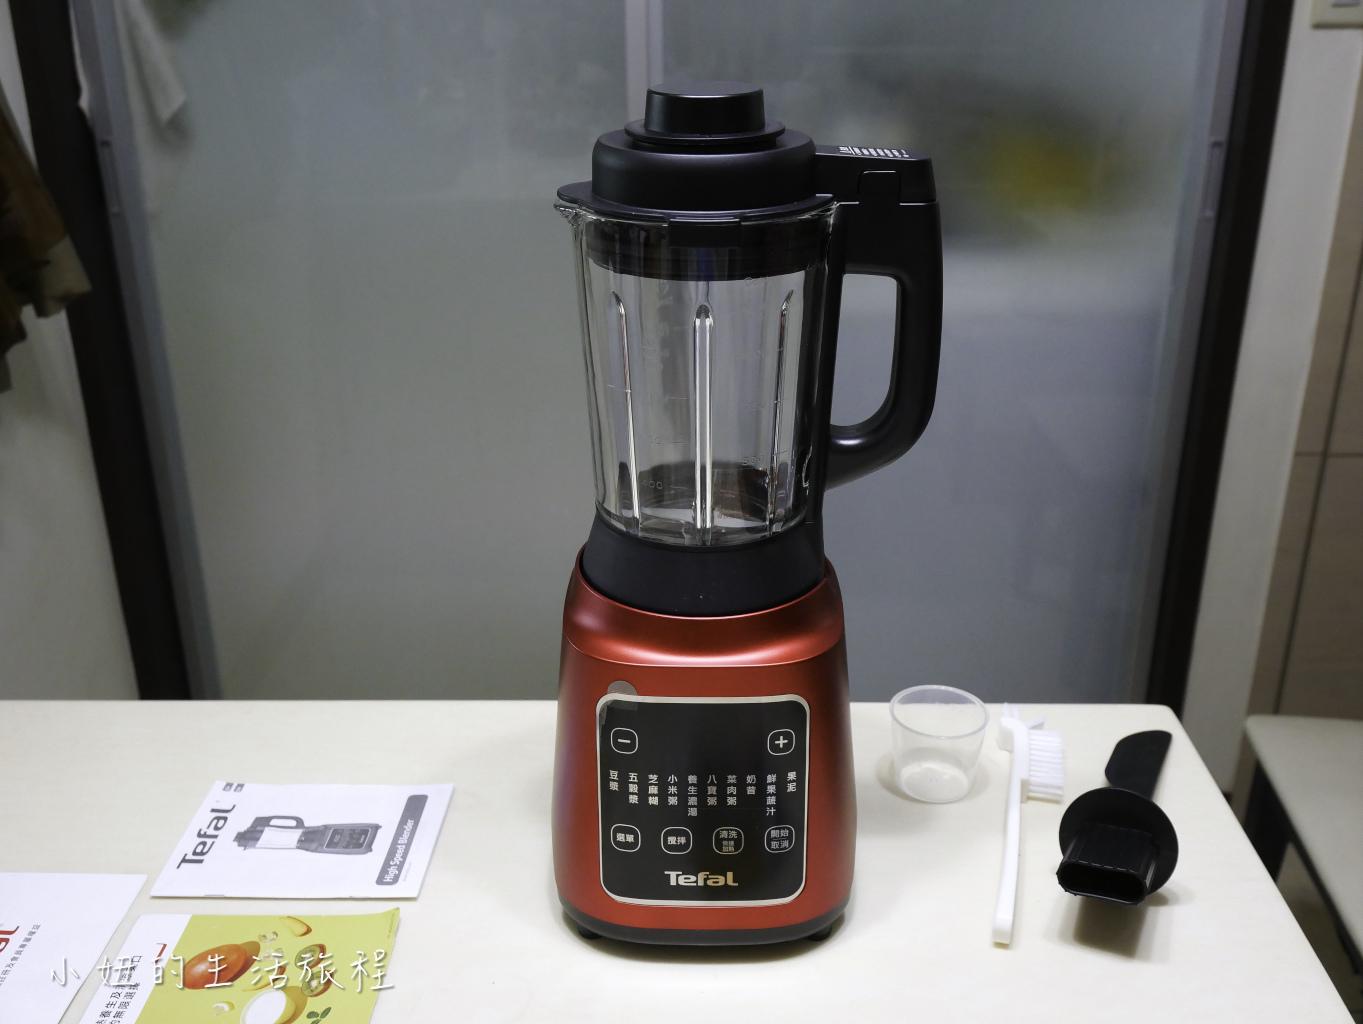 Tefal法國特福高速熱能營養調理機-14.jpg